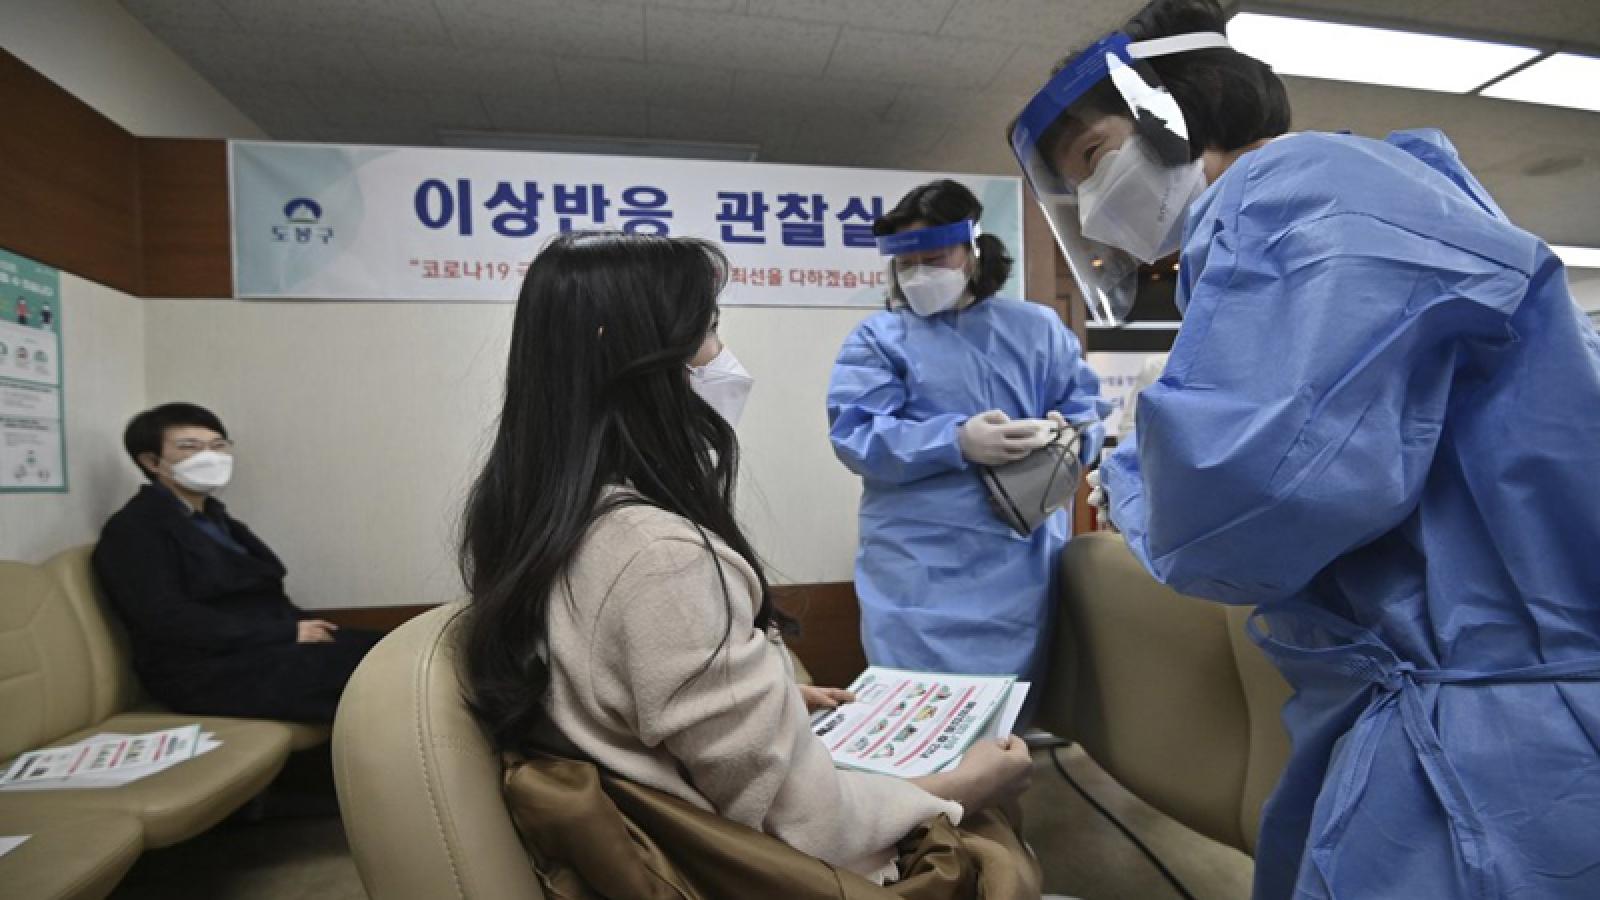 Học sinh và giáo viên ở Hàn Quốc được tiêm phòng vaccine Covid-19 như thế nào?